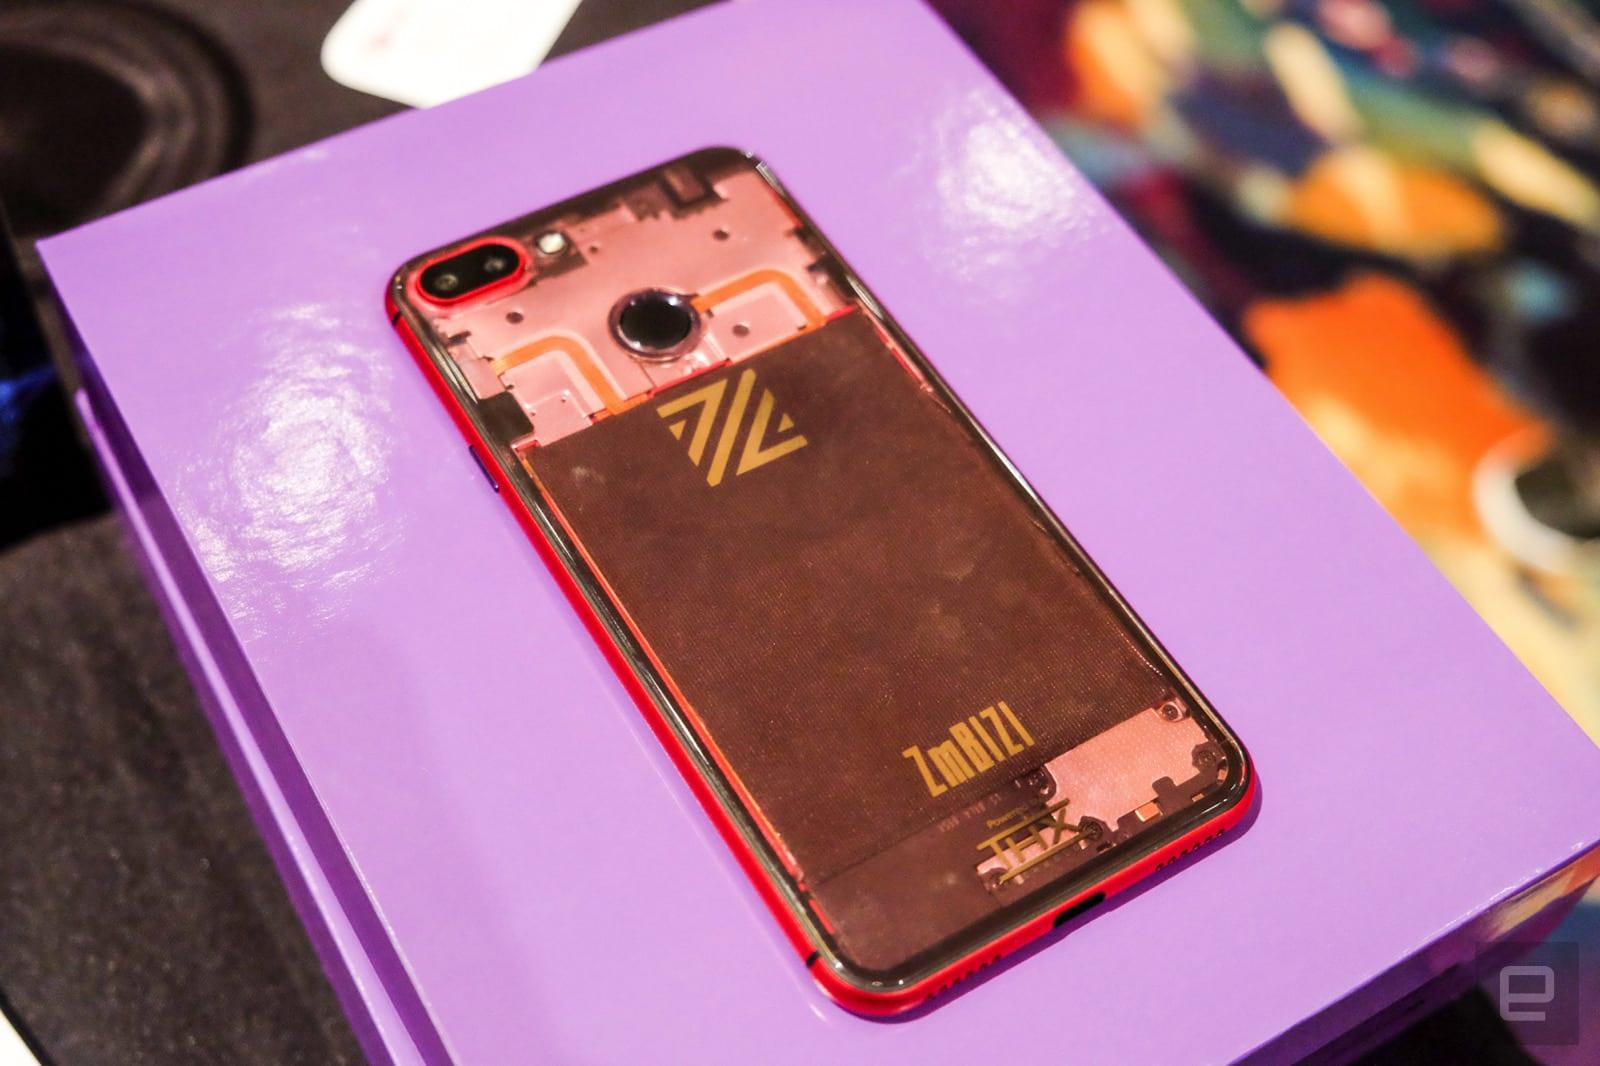 THX / ZMBIZI smartphone